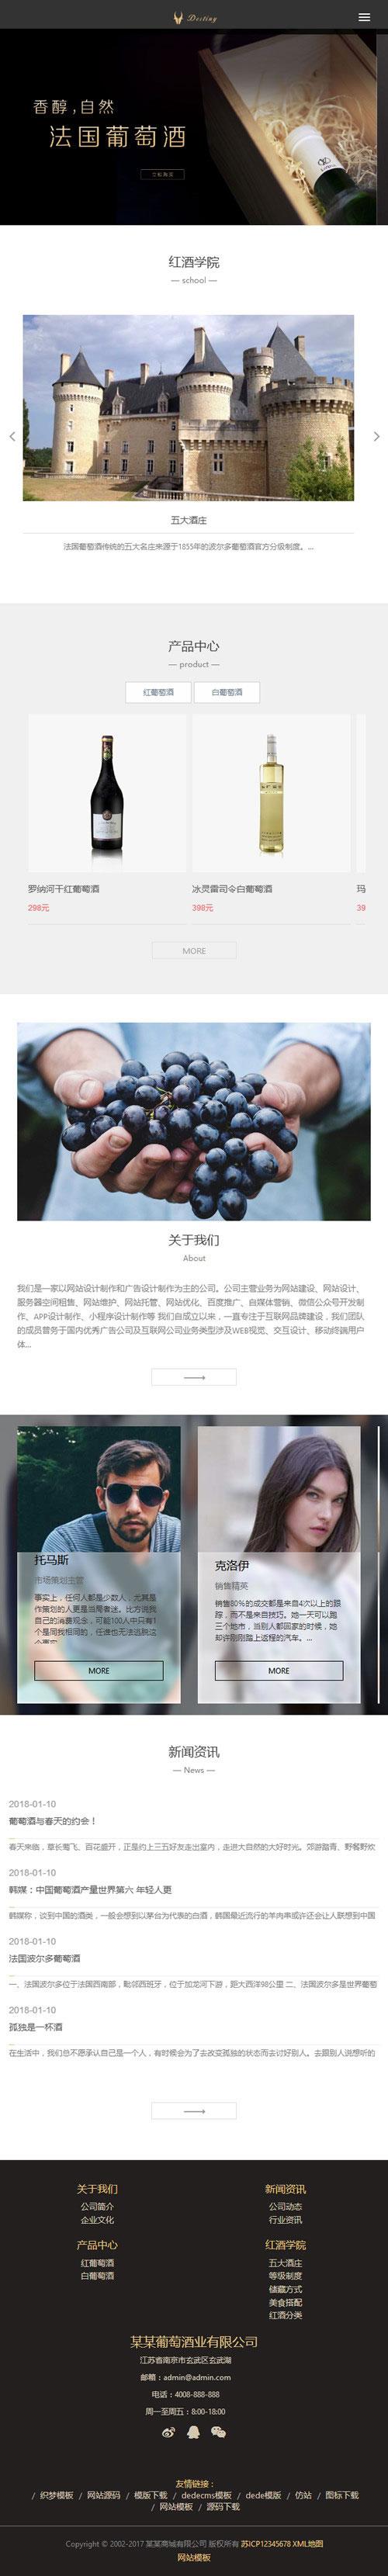 织梦dedecms响应式酒业食品葡萄酒公司网站模板(自适应手机移动端)